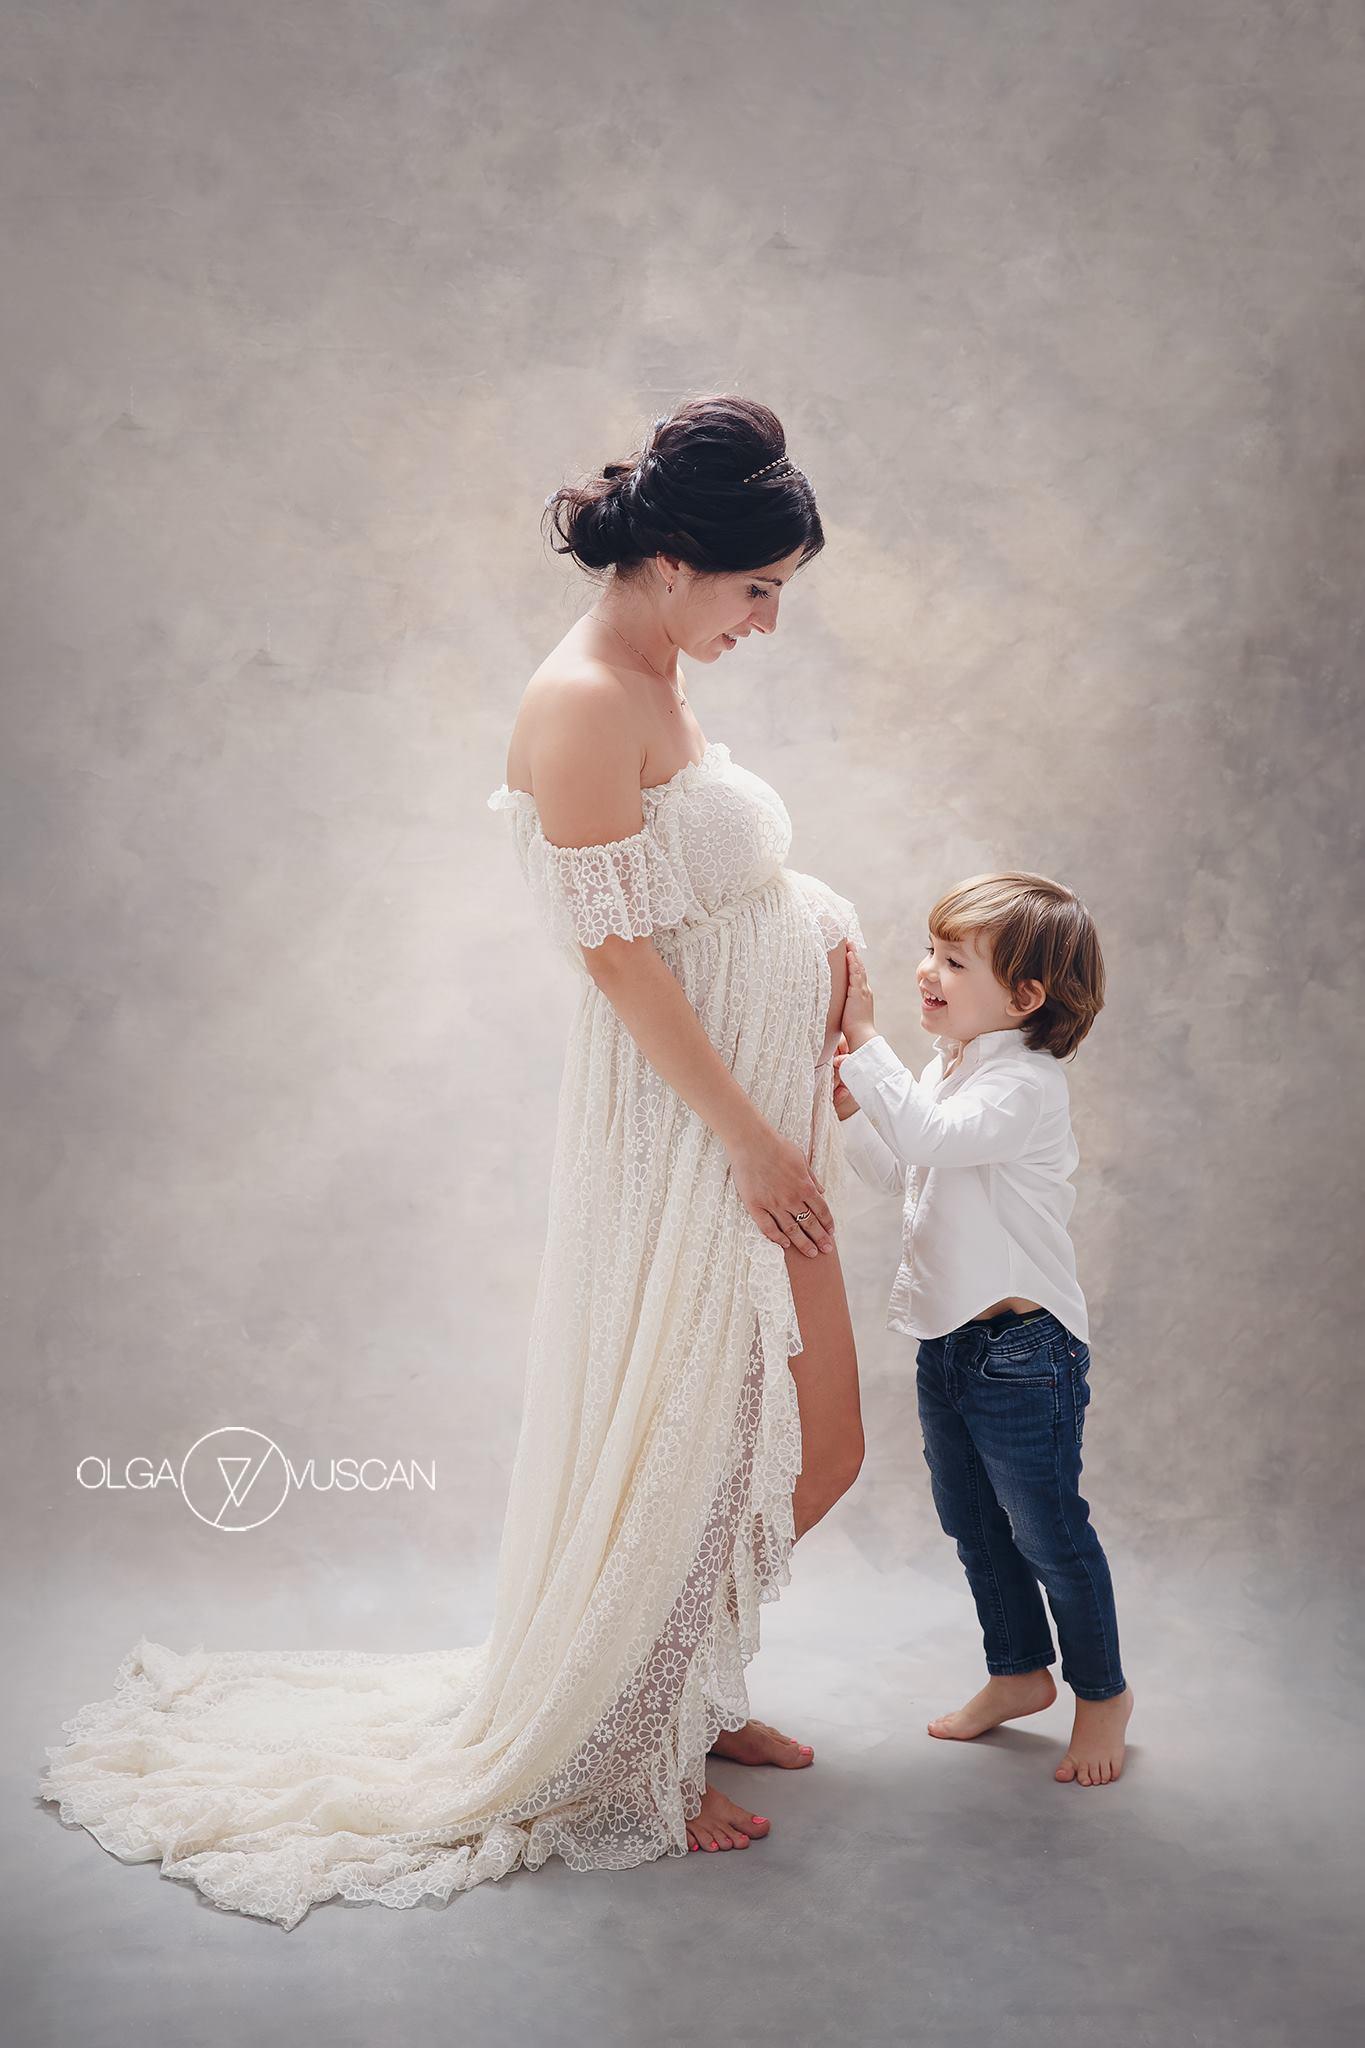 Fotografii de nou născut